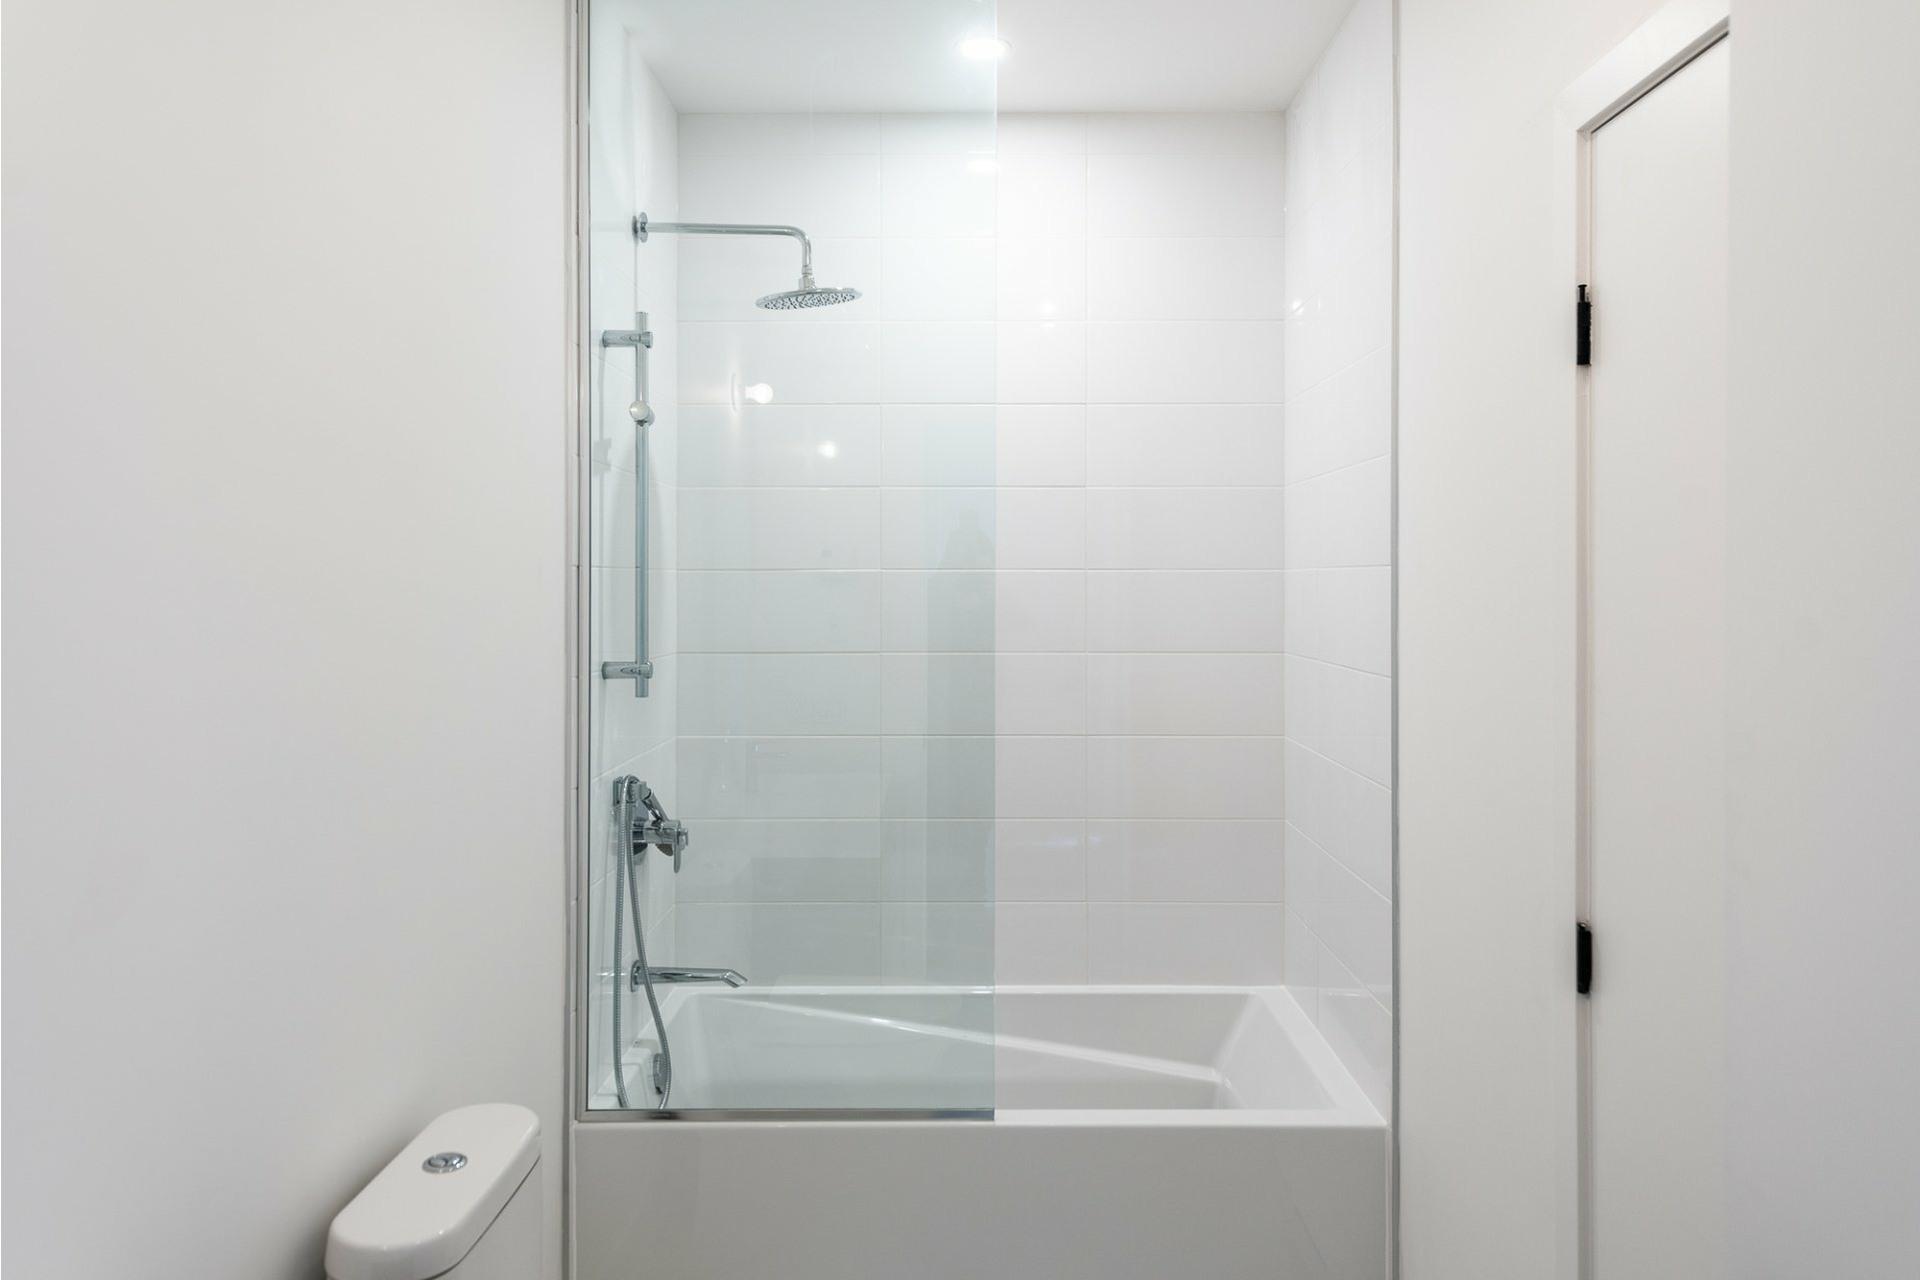 image 13 - Apartment For rent Villeray/Saint-Michel/Parc-Extension Montréal  - 5 rooms